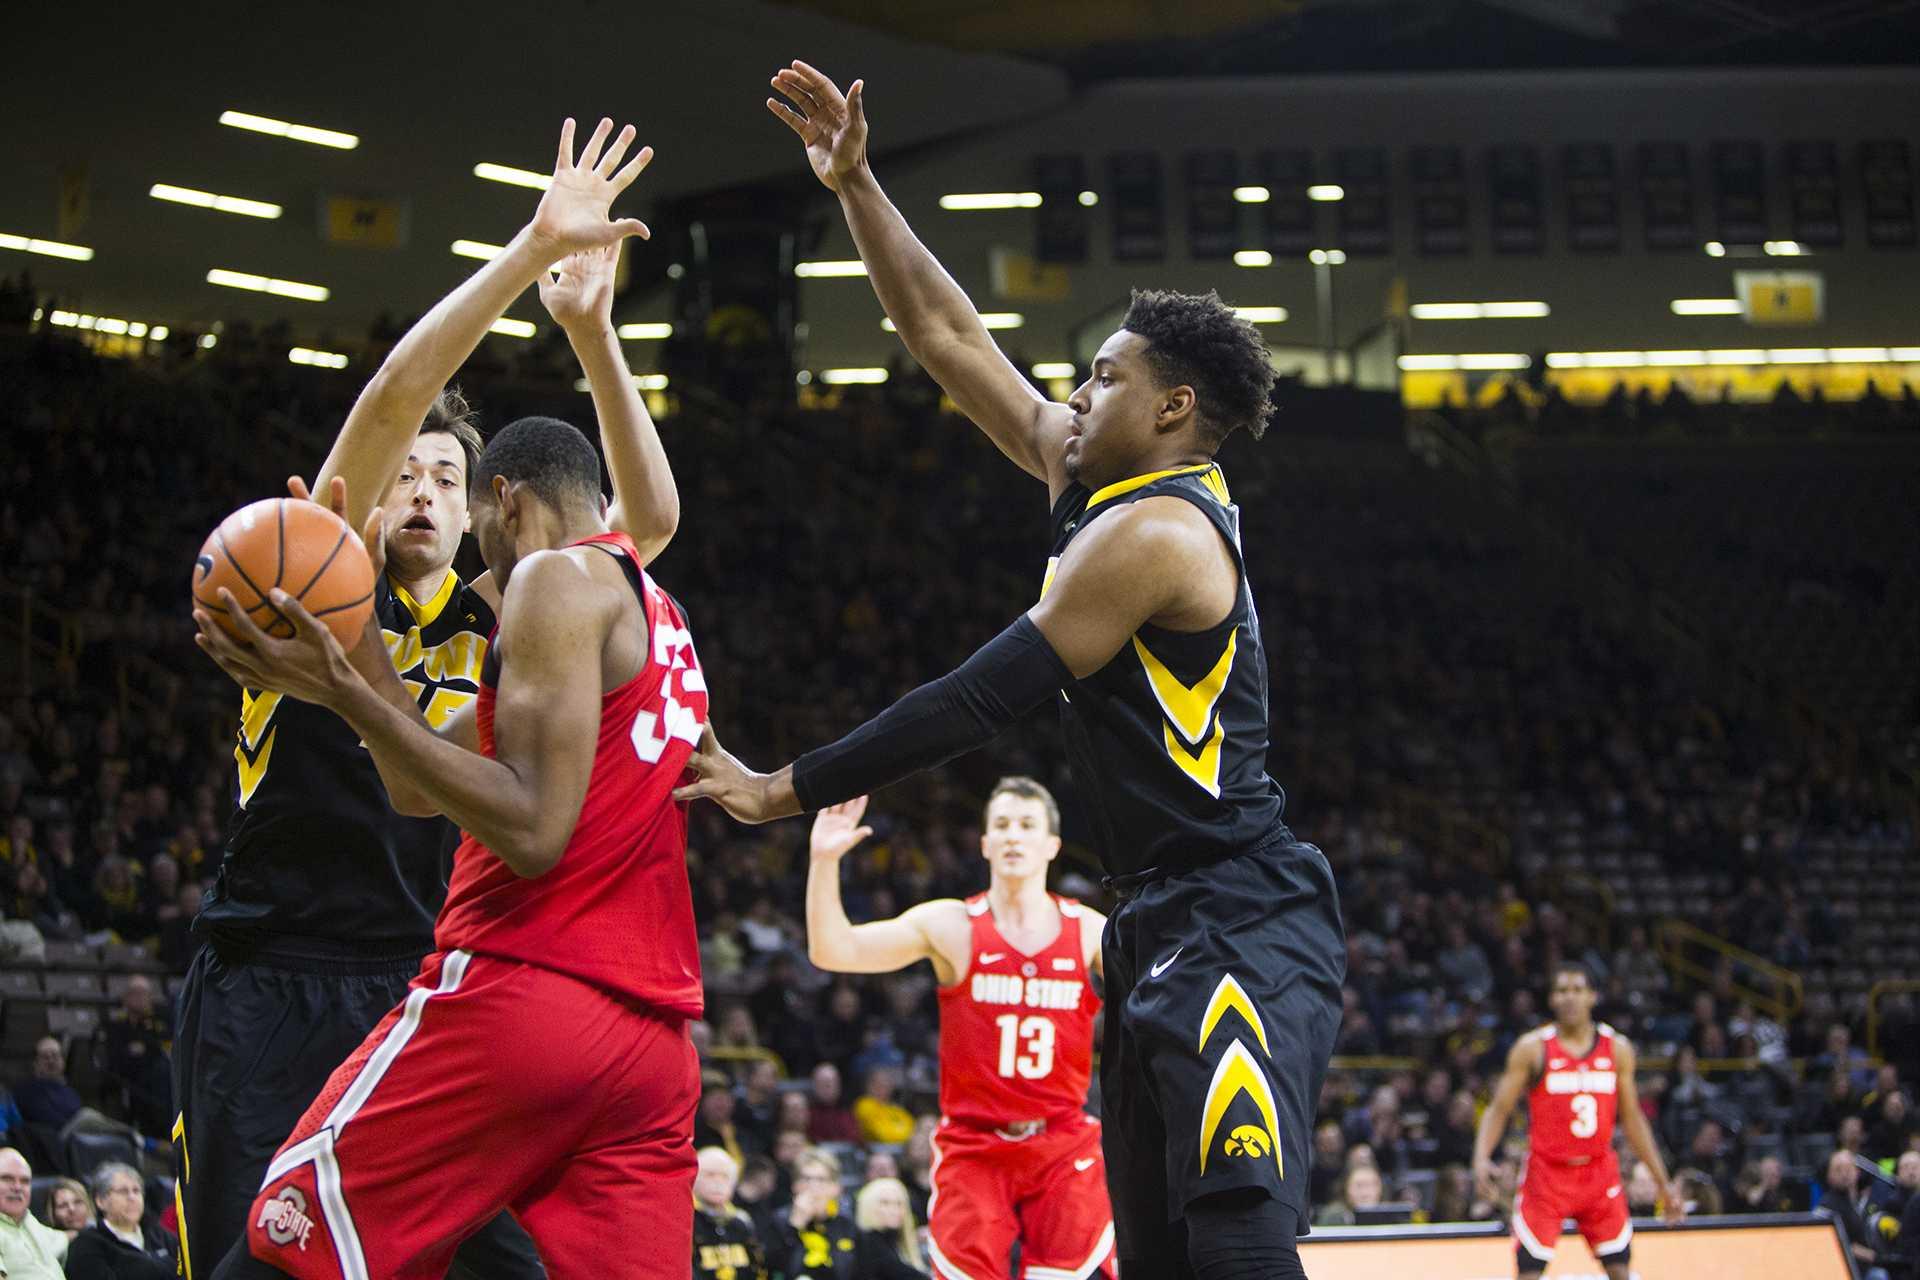 Photos: Iowa men's basketball vs. Ohio State